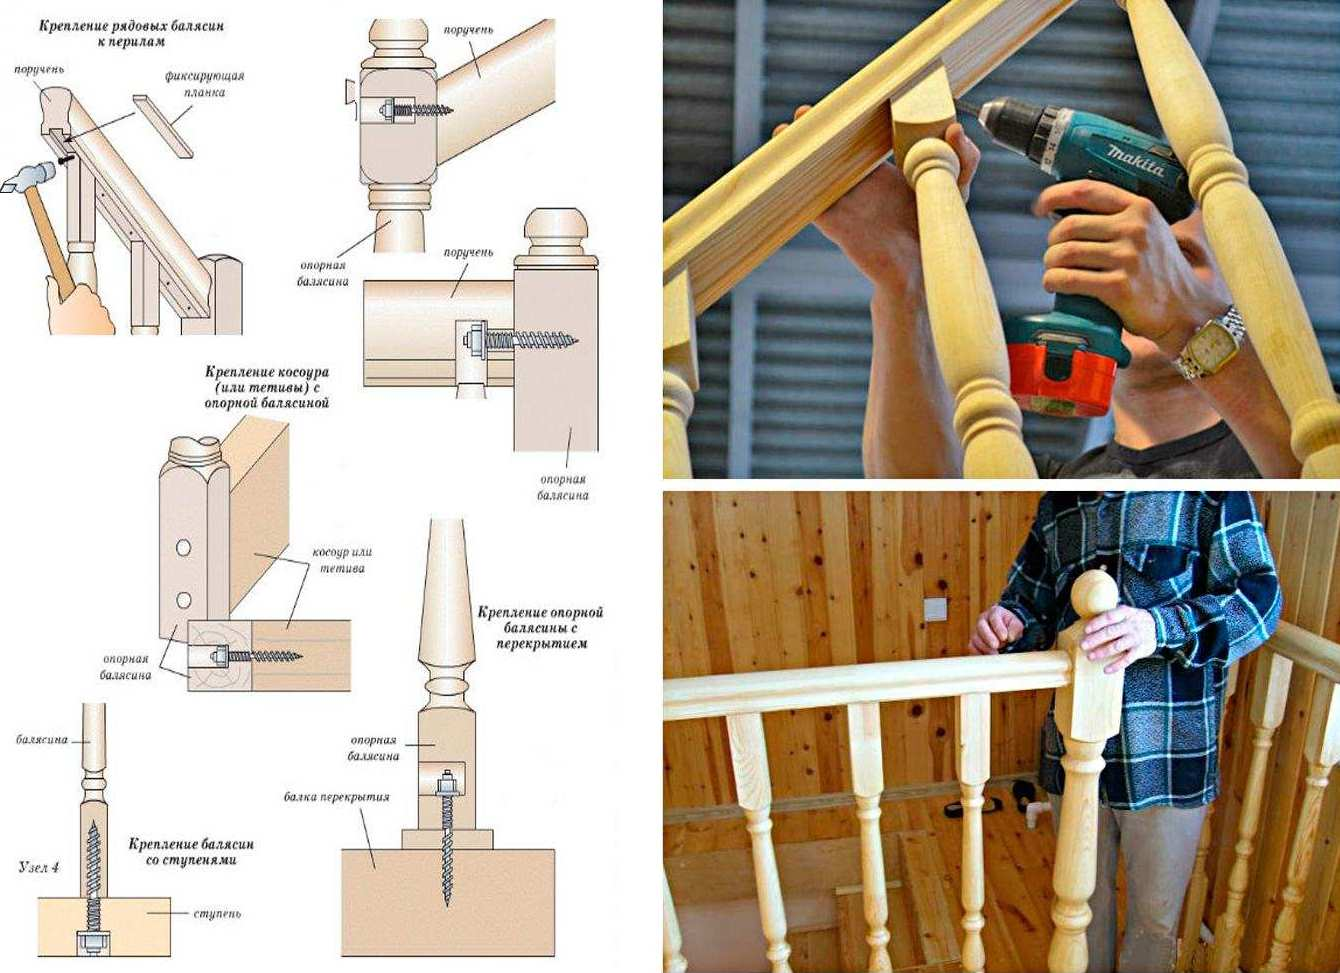 Uspořádání upevňovacích bodů pro dřevěné schody